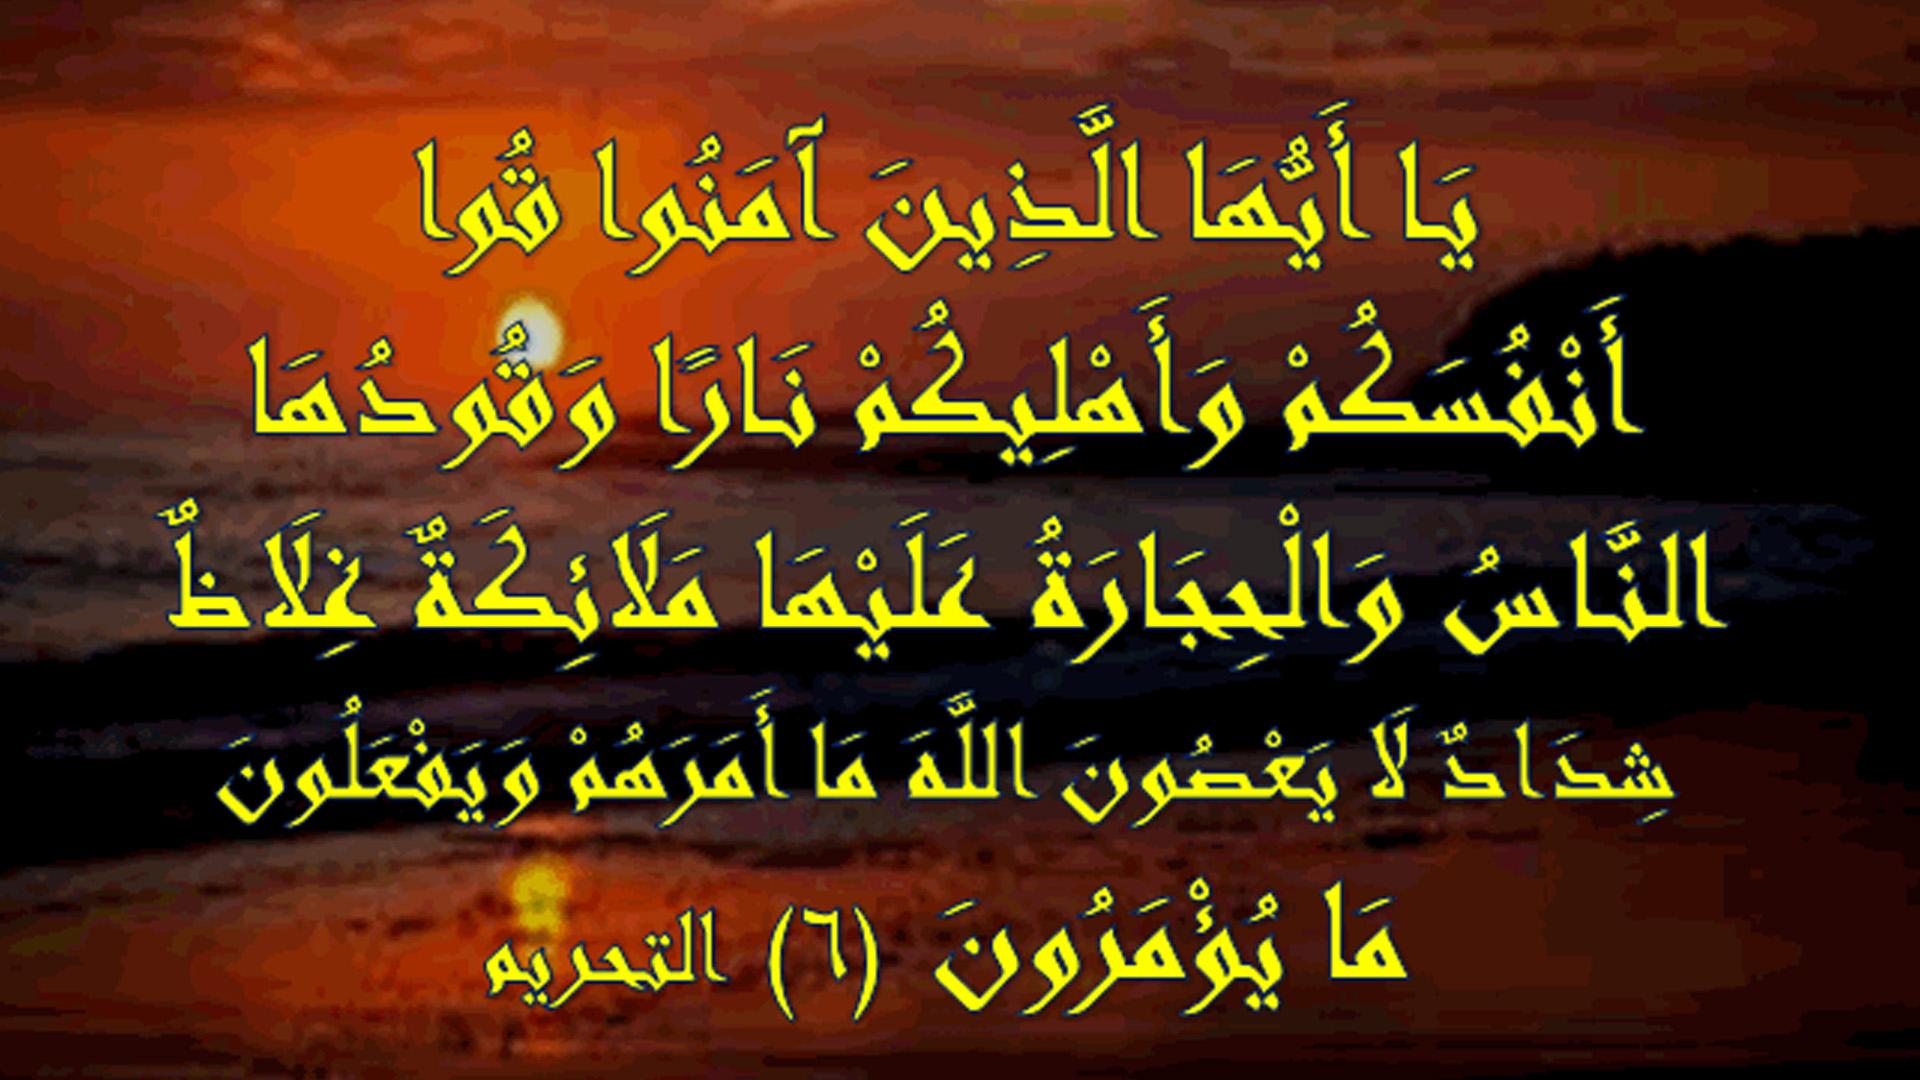 Produz gerações sob o Livro e a Sunnah!